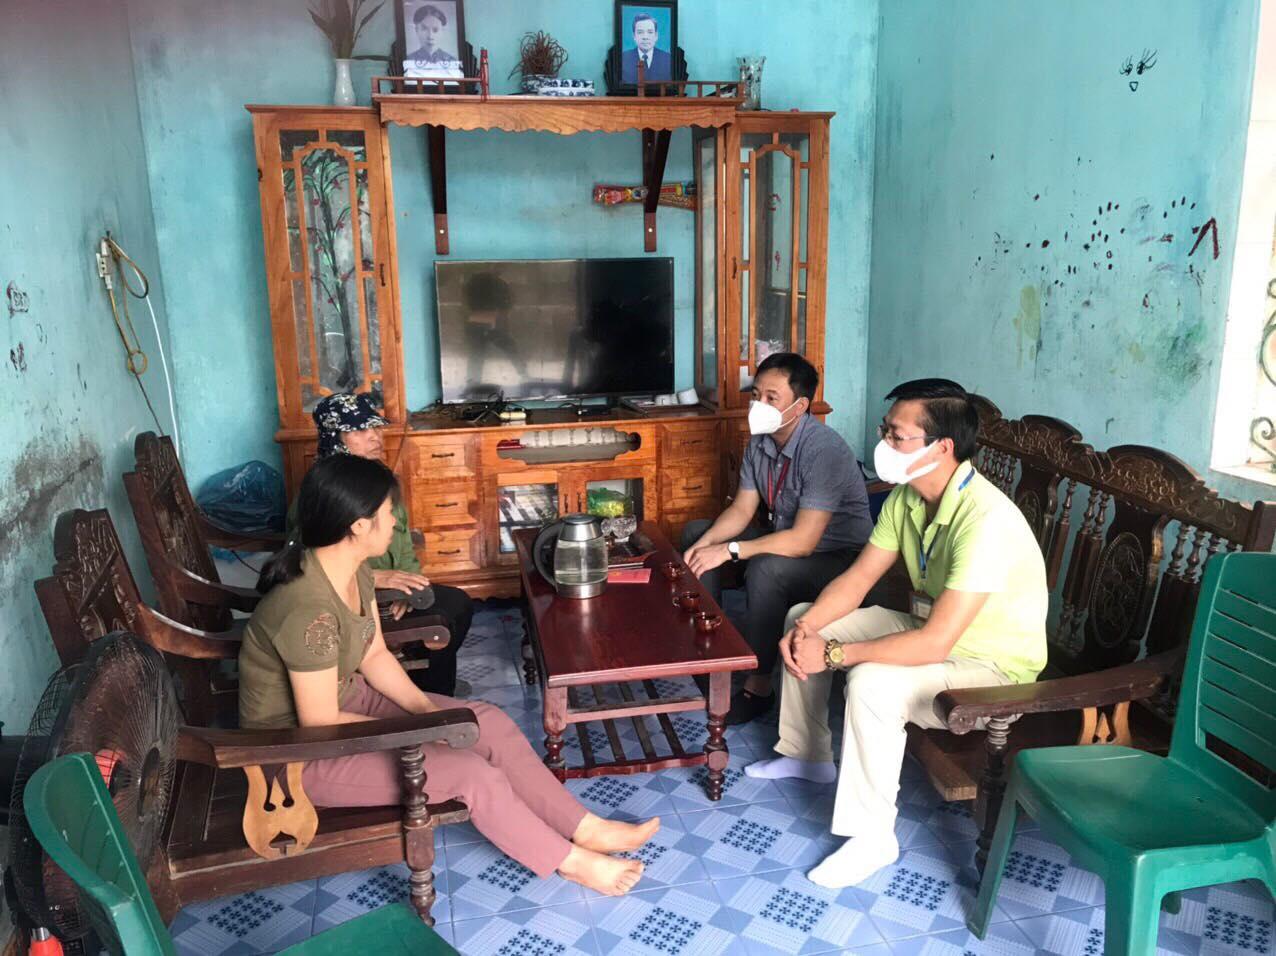 Người bán rau ở Quảng Ninh muốn chính quyền phải mang xe đến tận nhà trả lại - 1